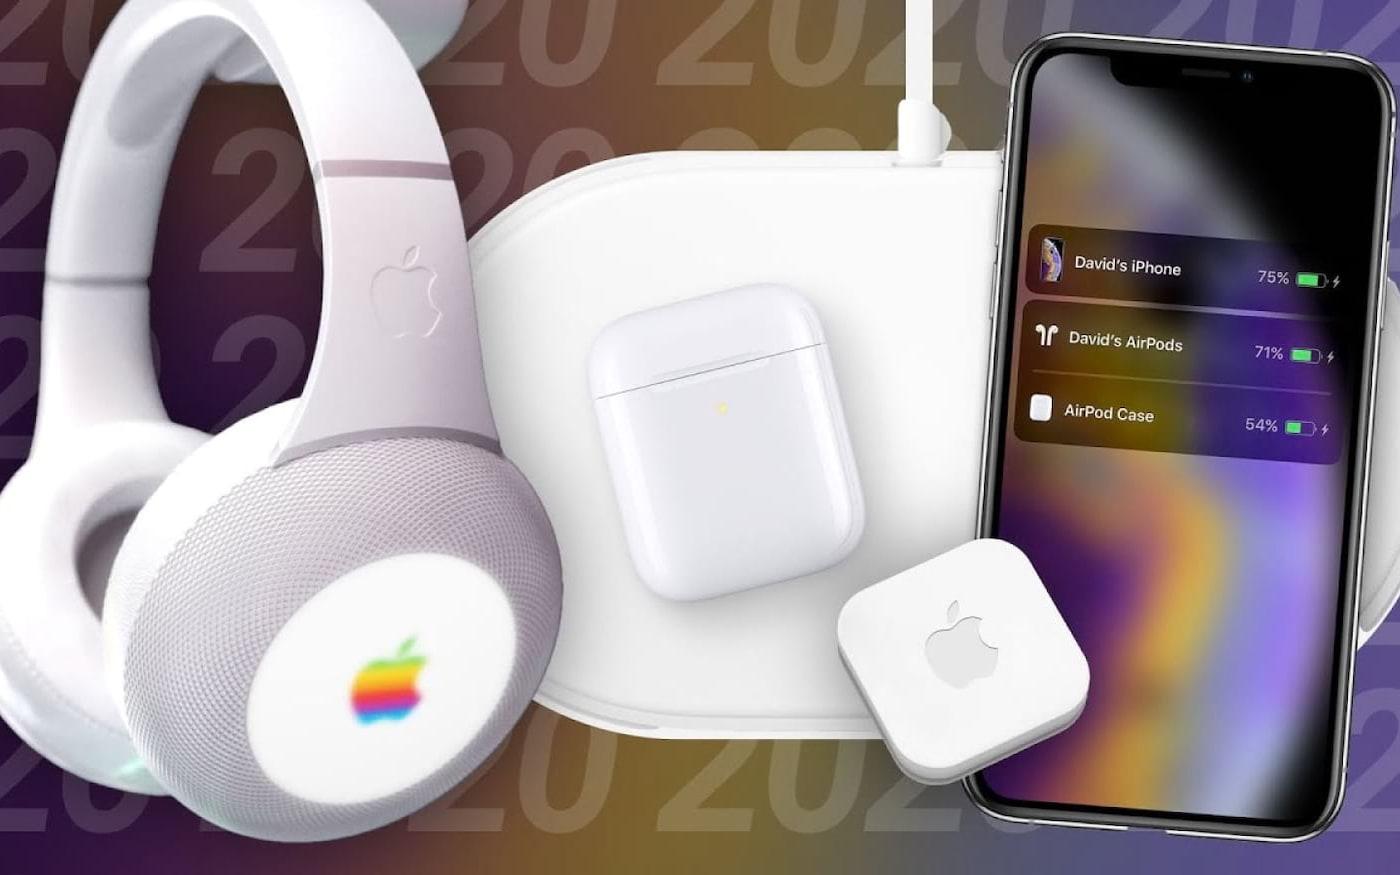 Apple töötab jälgimismärkide, nutitelefonide kõrvaklappide, uute juhtmeta laadijate ja muu jaoks